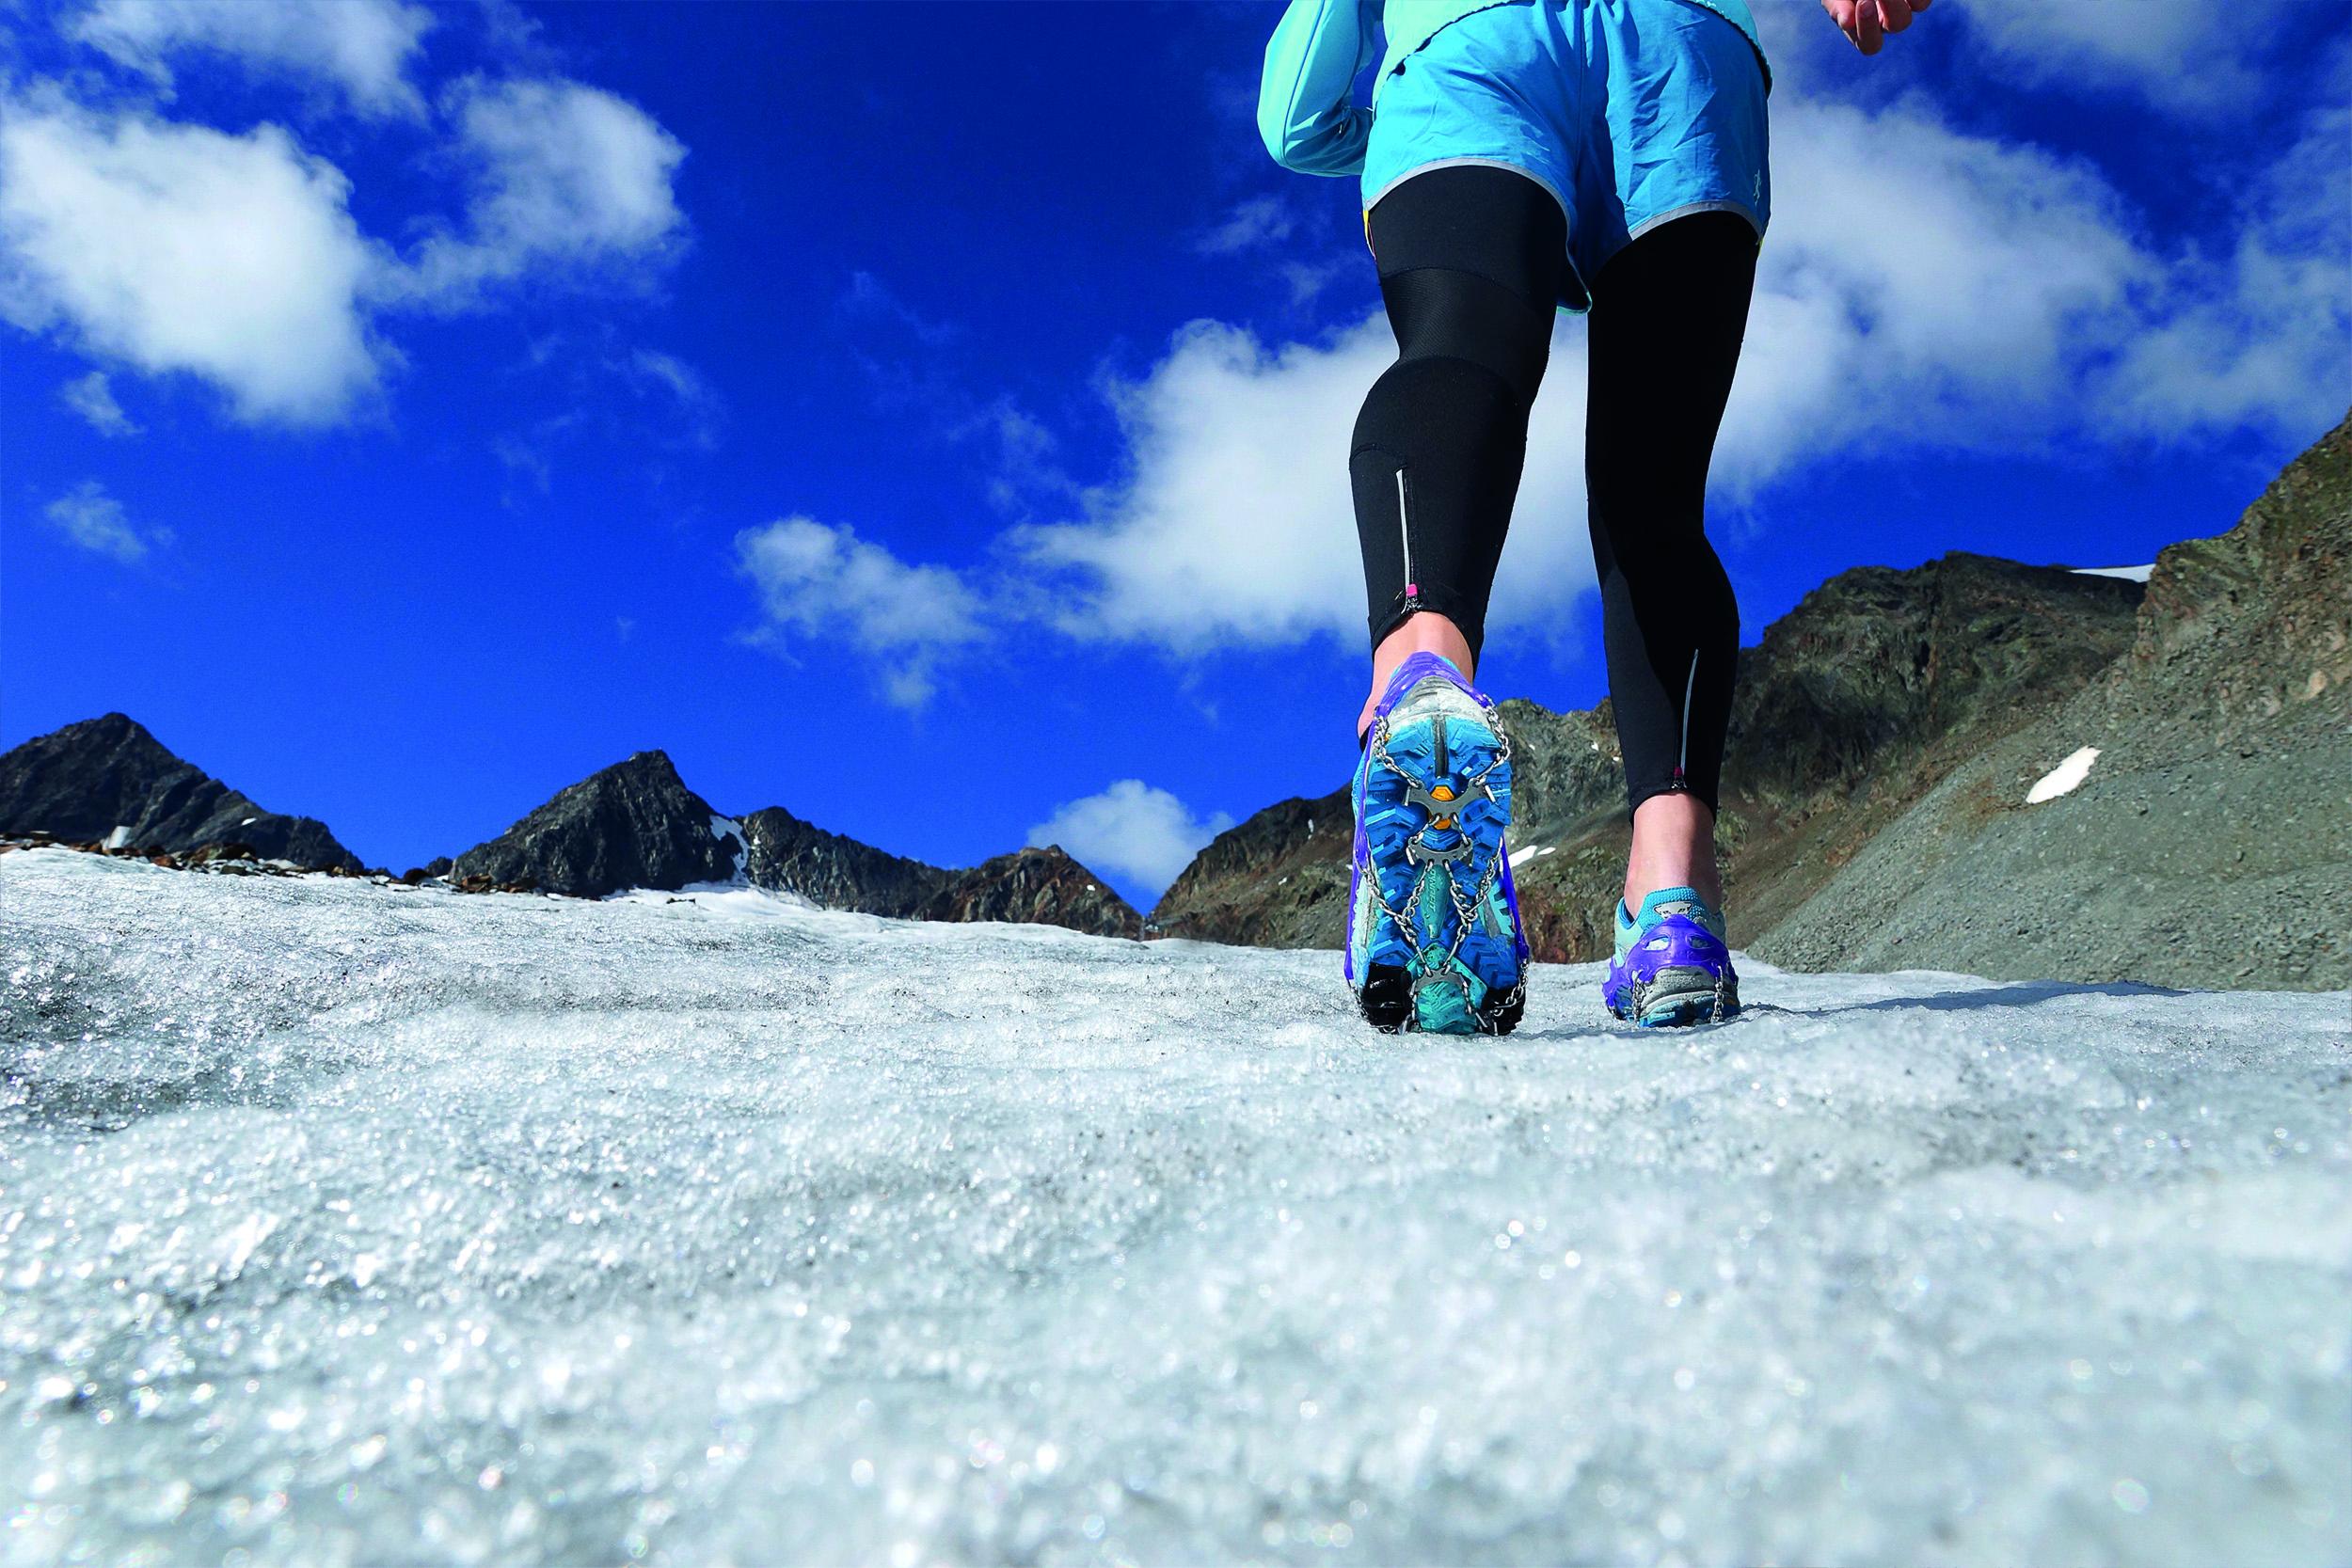 Sicheres Queren von Altschneefeldern in Frühjahr und Sommer